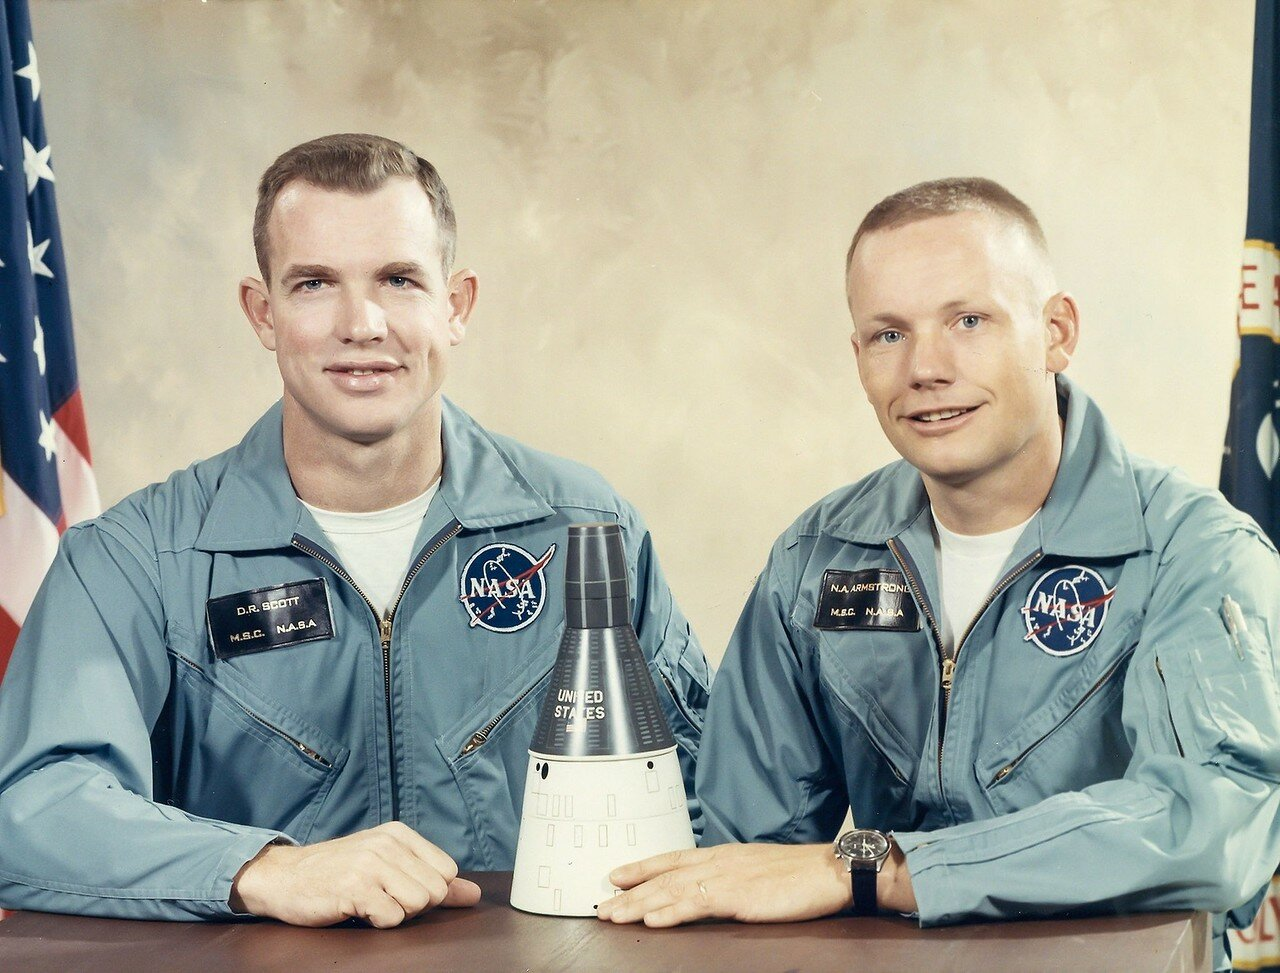 1966, март. Астронавты Нил Армстронг и Дэвид Скотт, Джемини-8. Экипаж совершил первую в мире стыковку в ручном режиме.